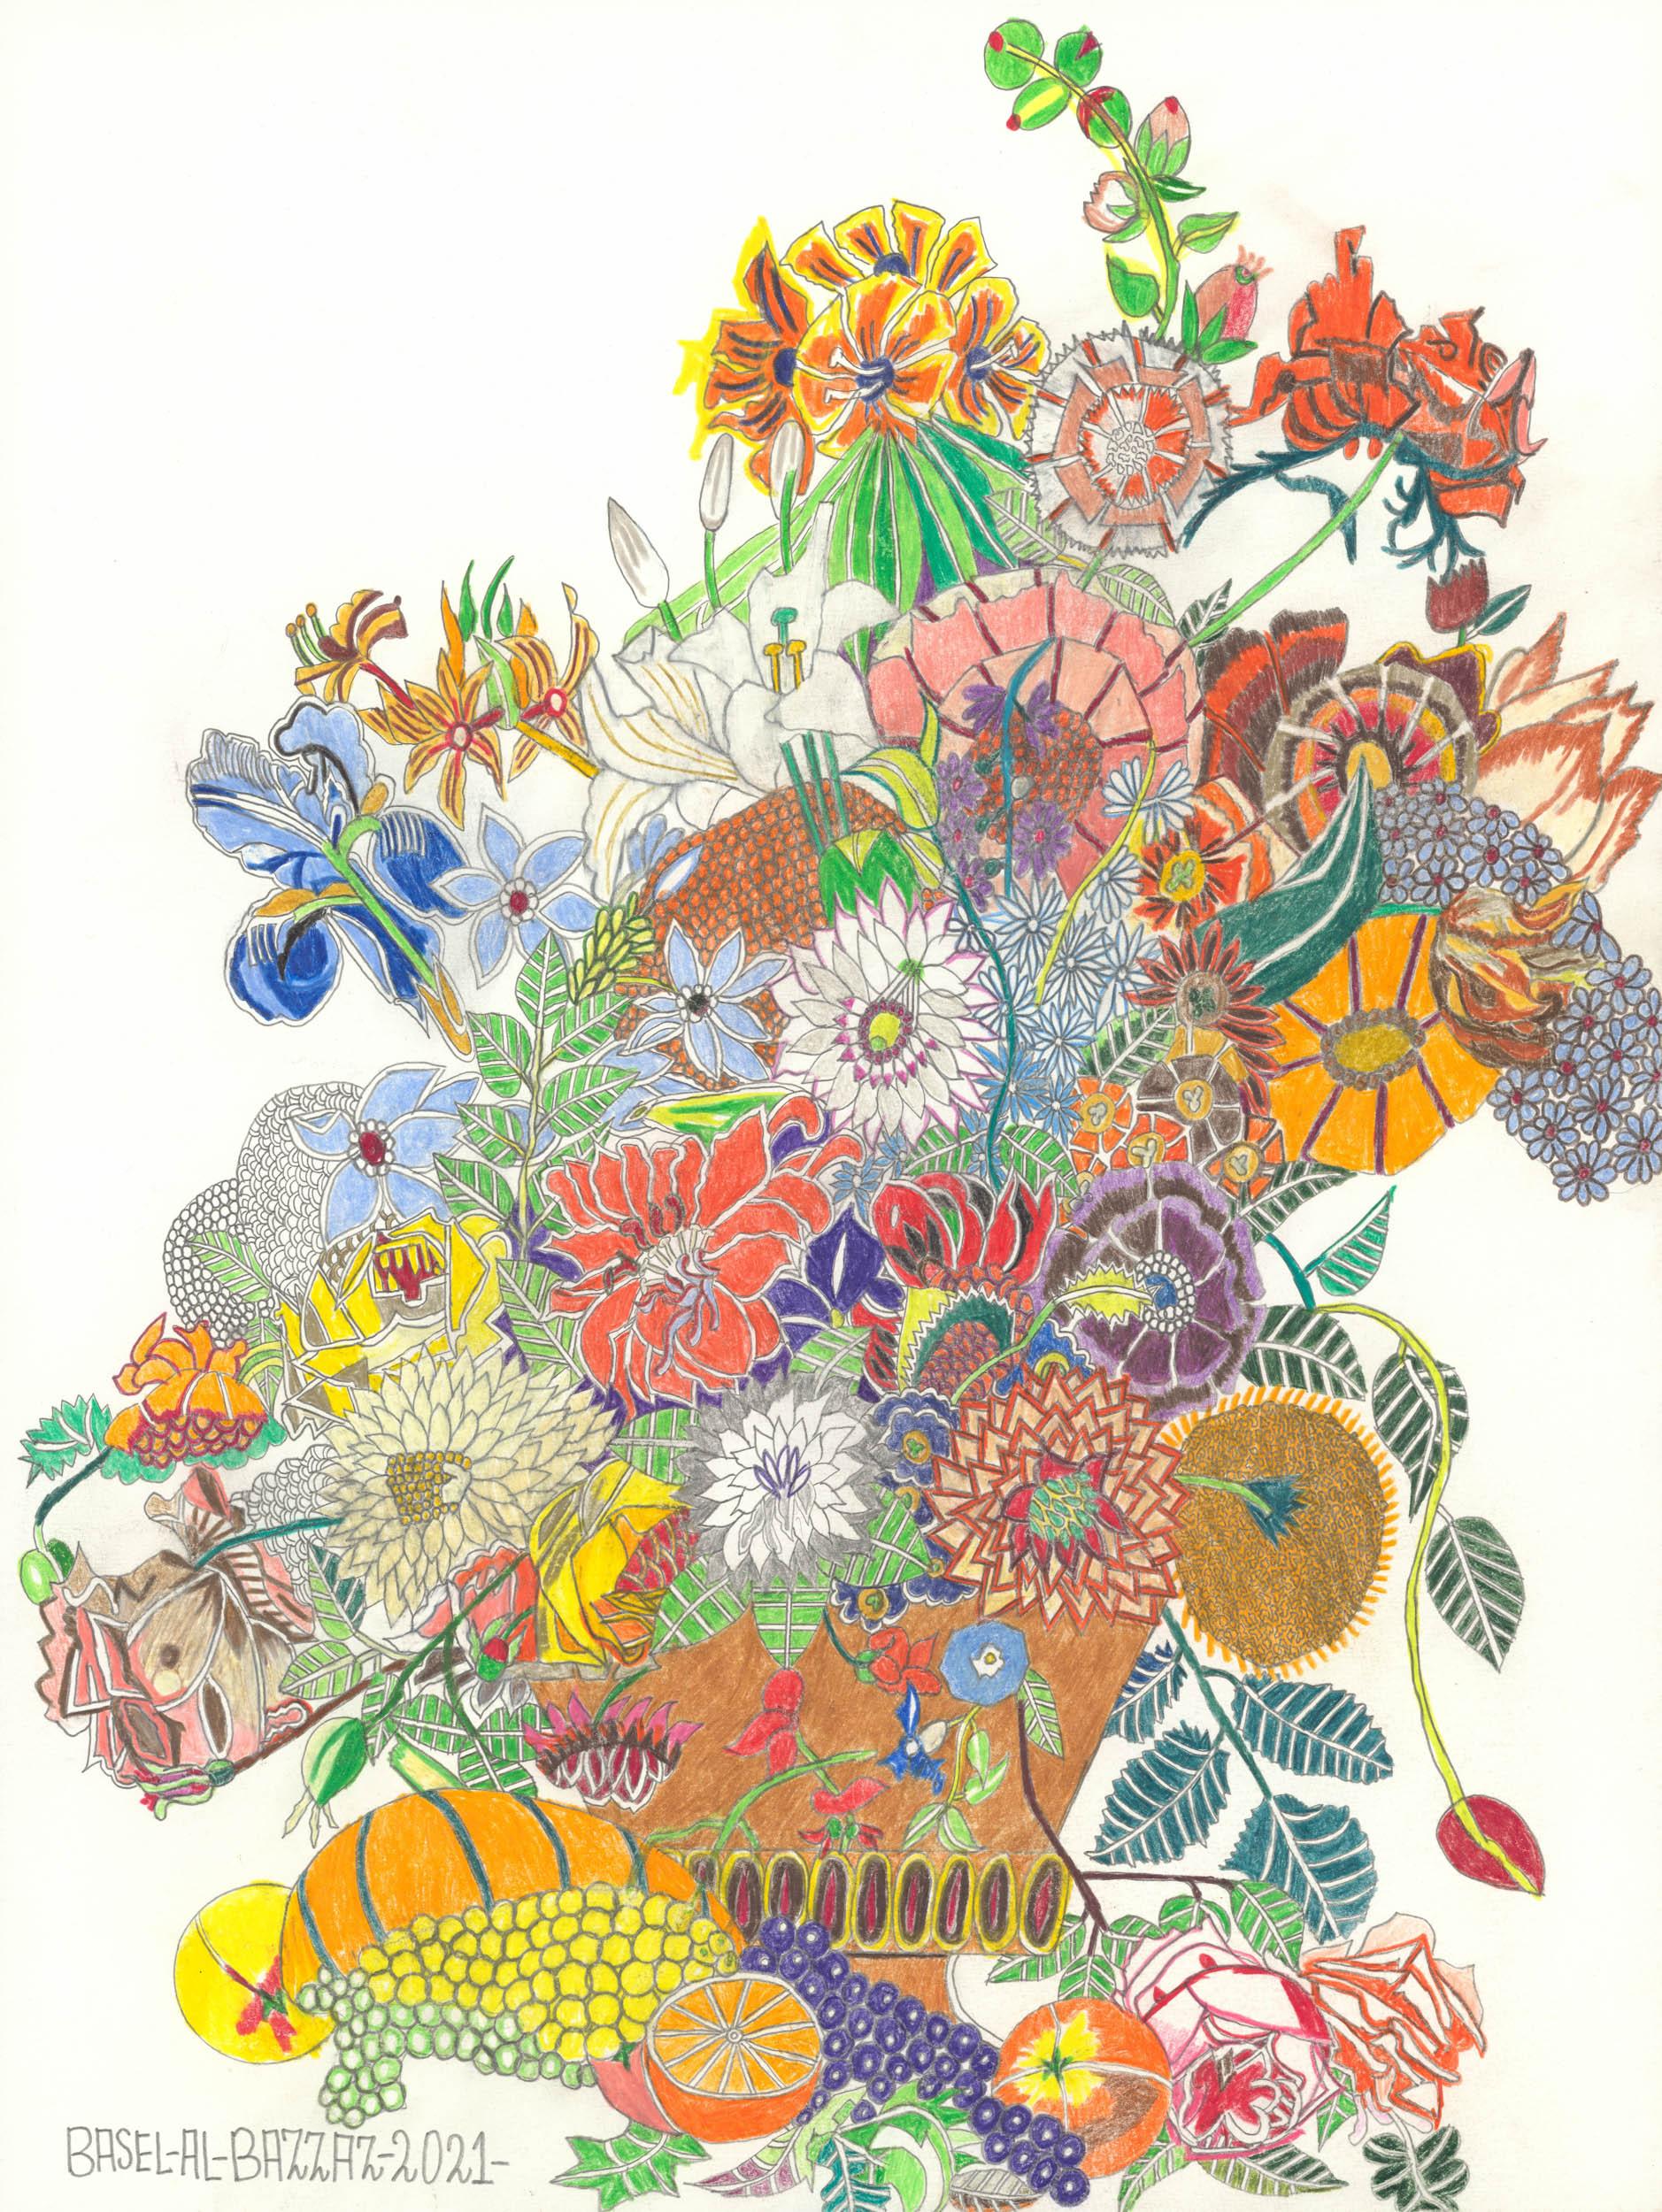 al-bazzaz basel - Kleiner Blumenstrauß / Small bouquet